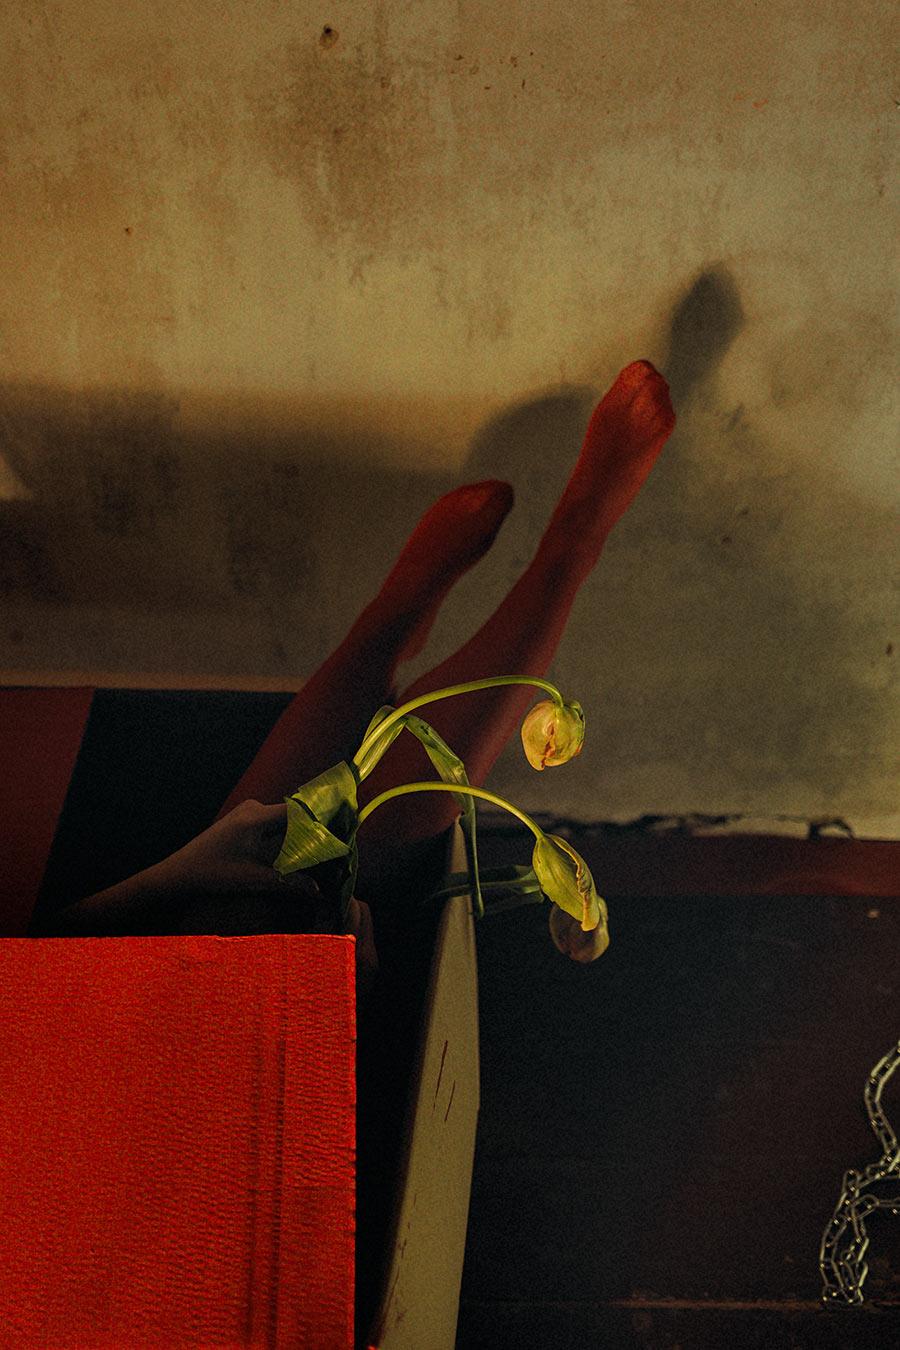 Trautheit Aktfotografie Antje Kroeger